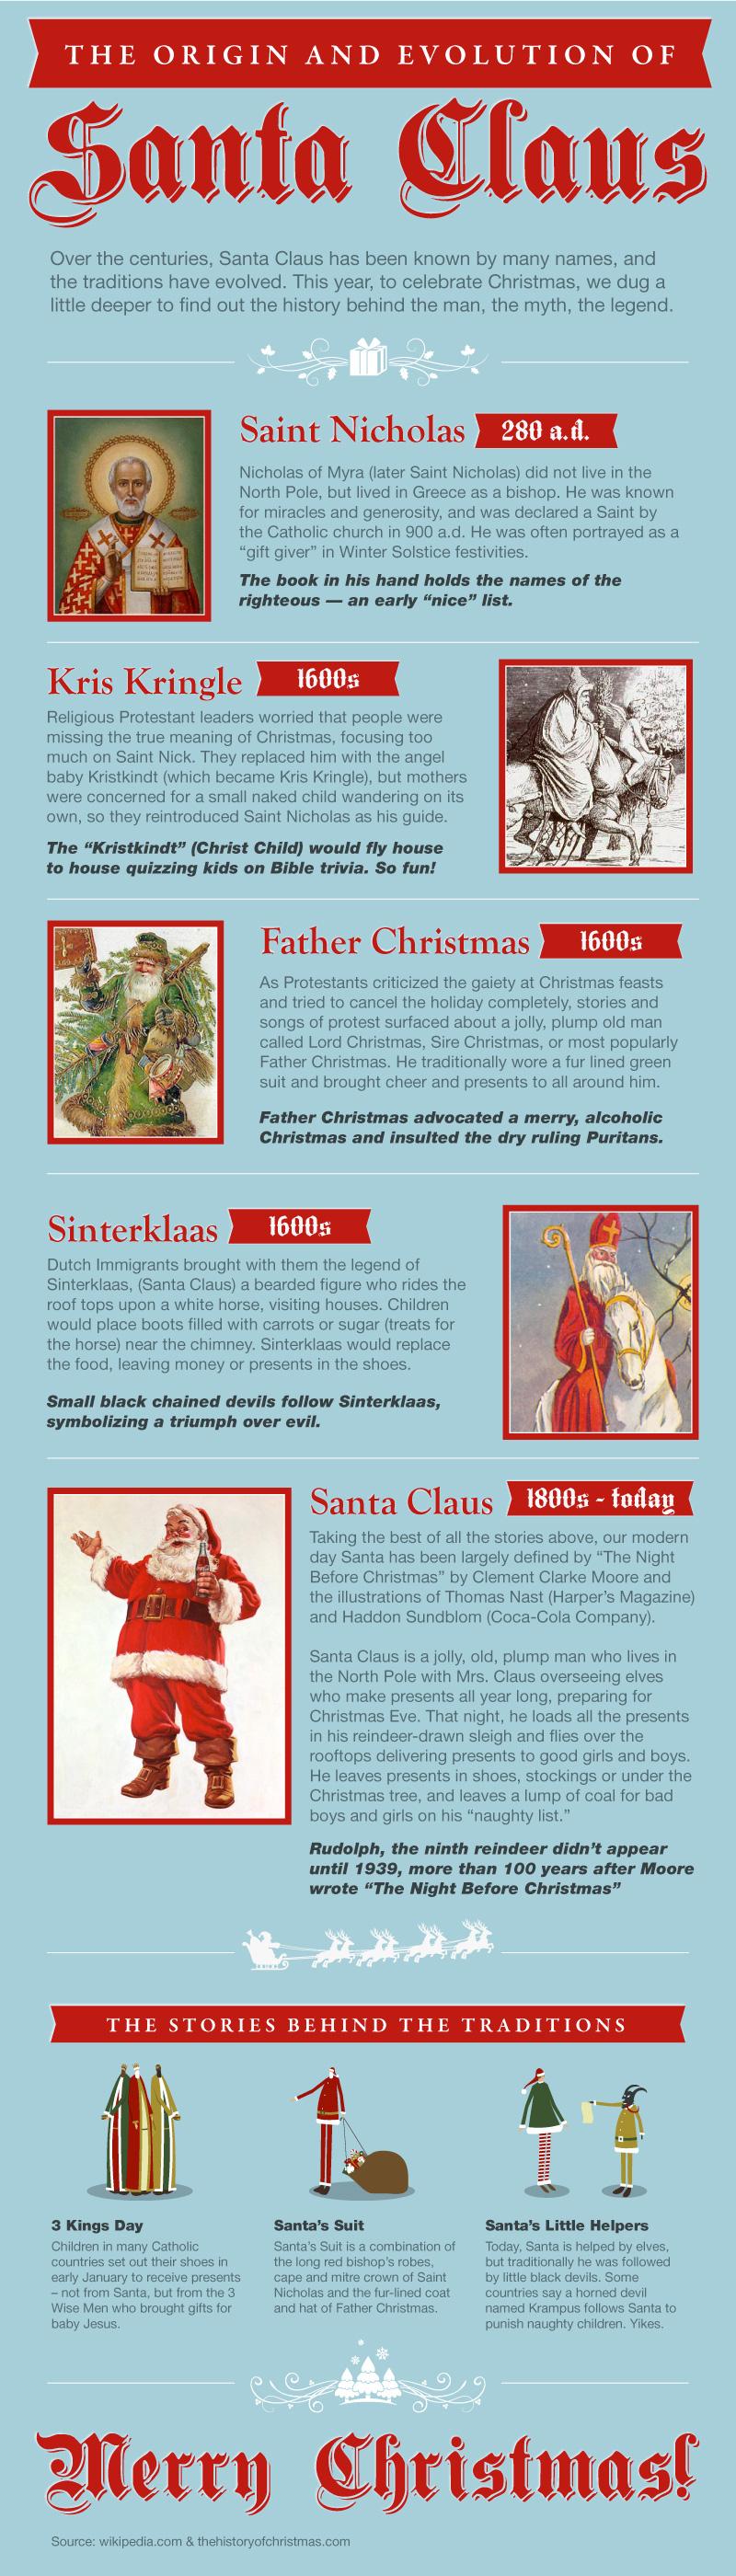 santa claus infographic